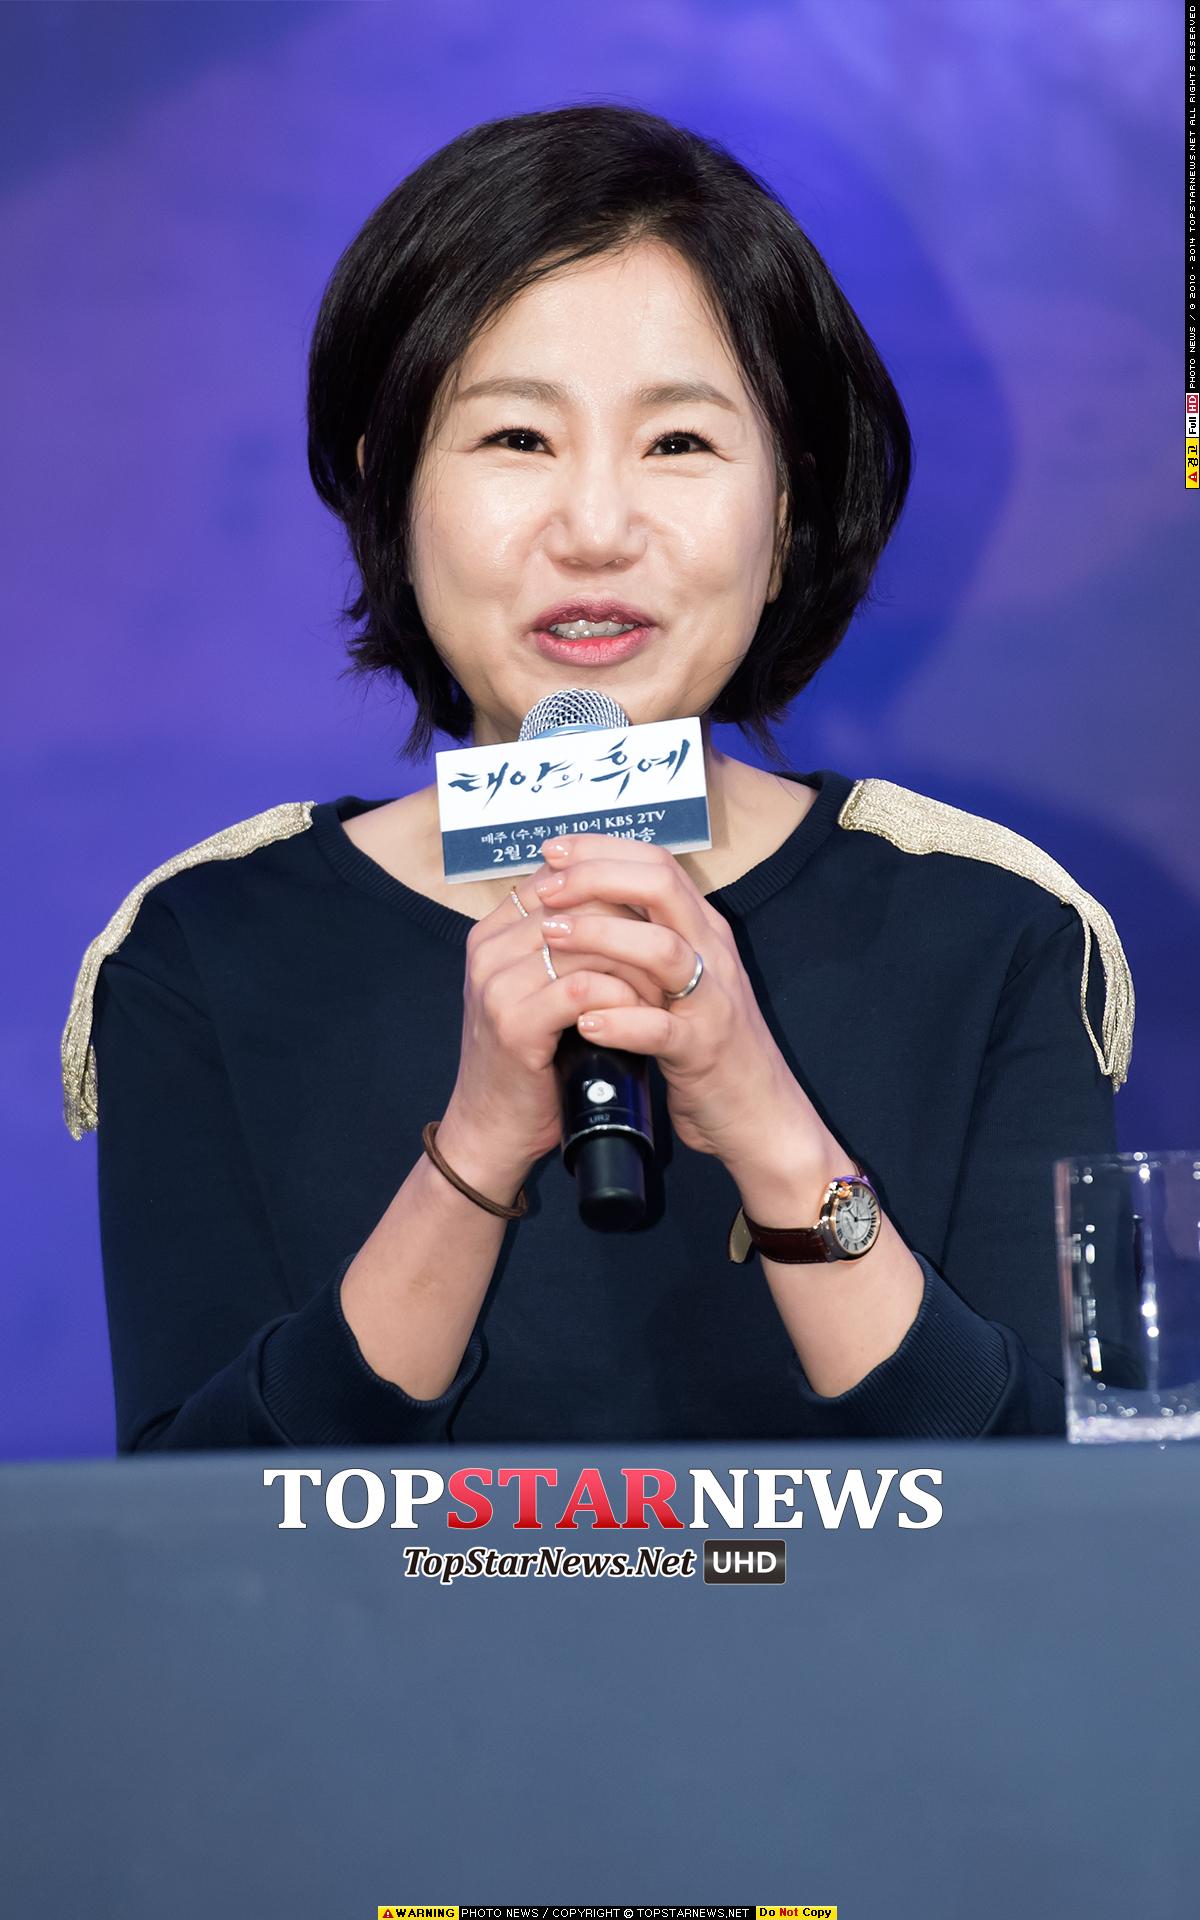 話說《太陽的後裔》的編劇-金恩淑,在今日(3/8)有相關人士透露下部作品正在計畫中,並有可能和tvN合作,並預計今年下半期和觀眾見面呦~